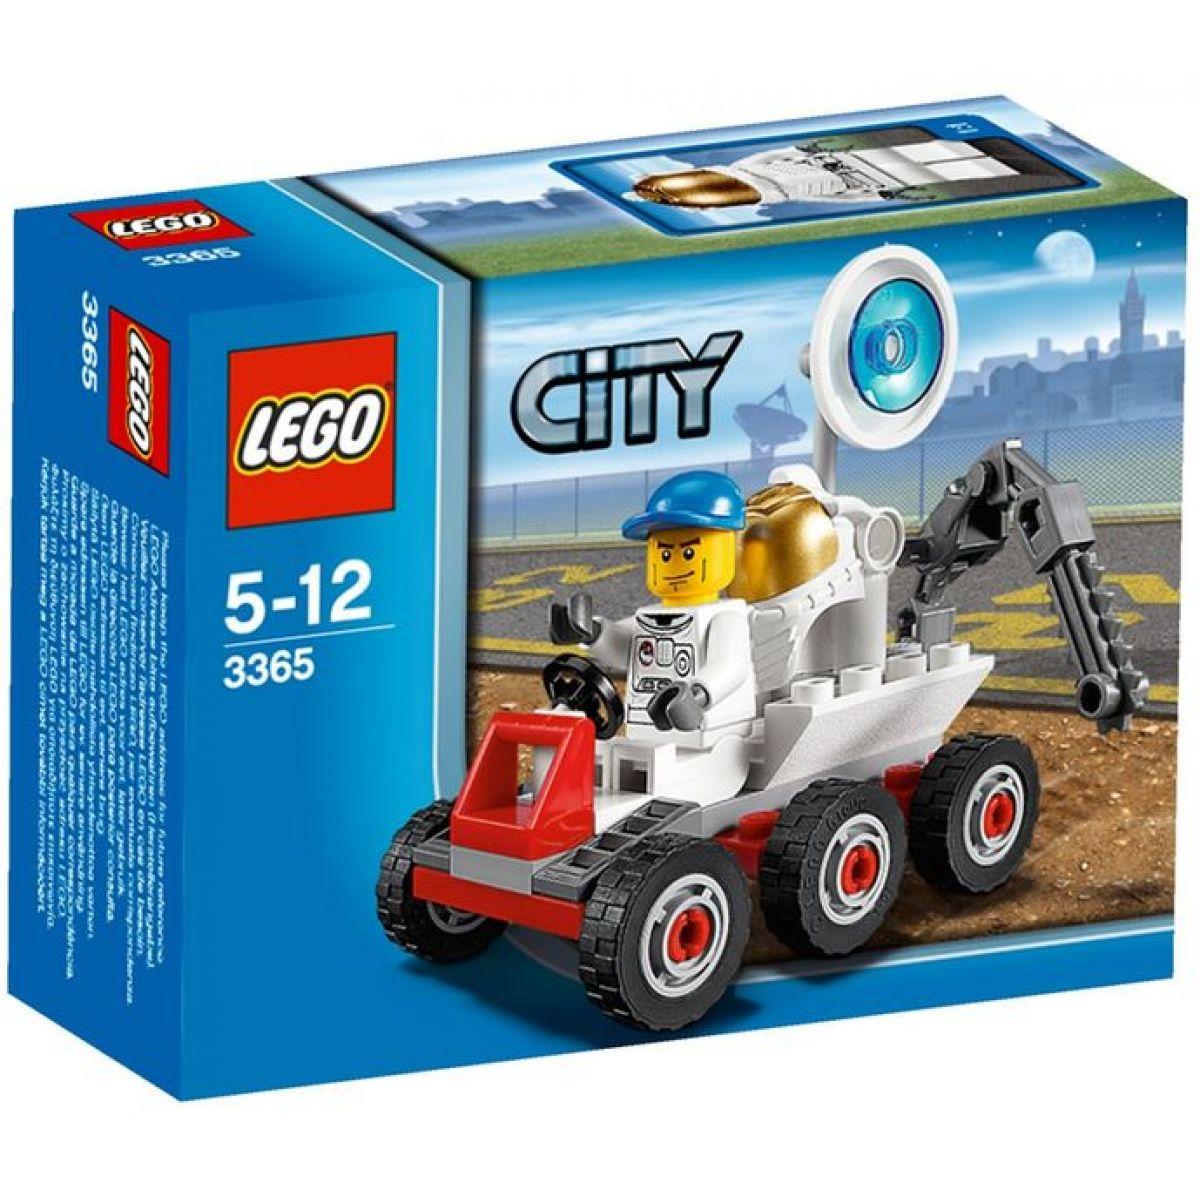 LEGO City 3365 Vesmírná měsíční bugina